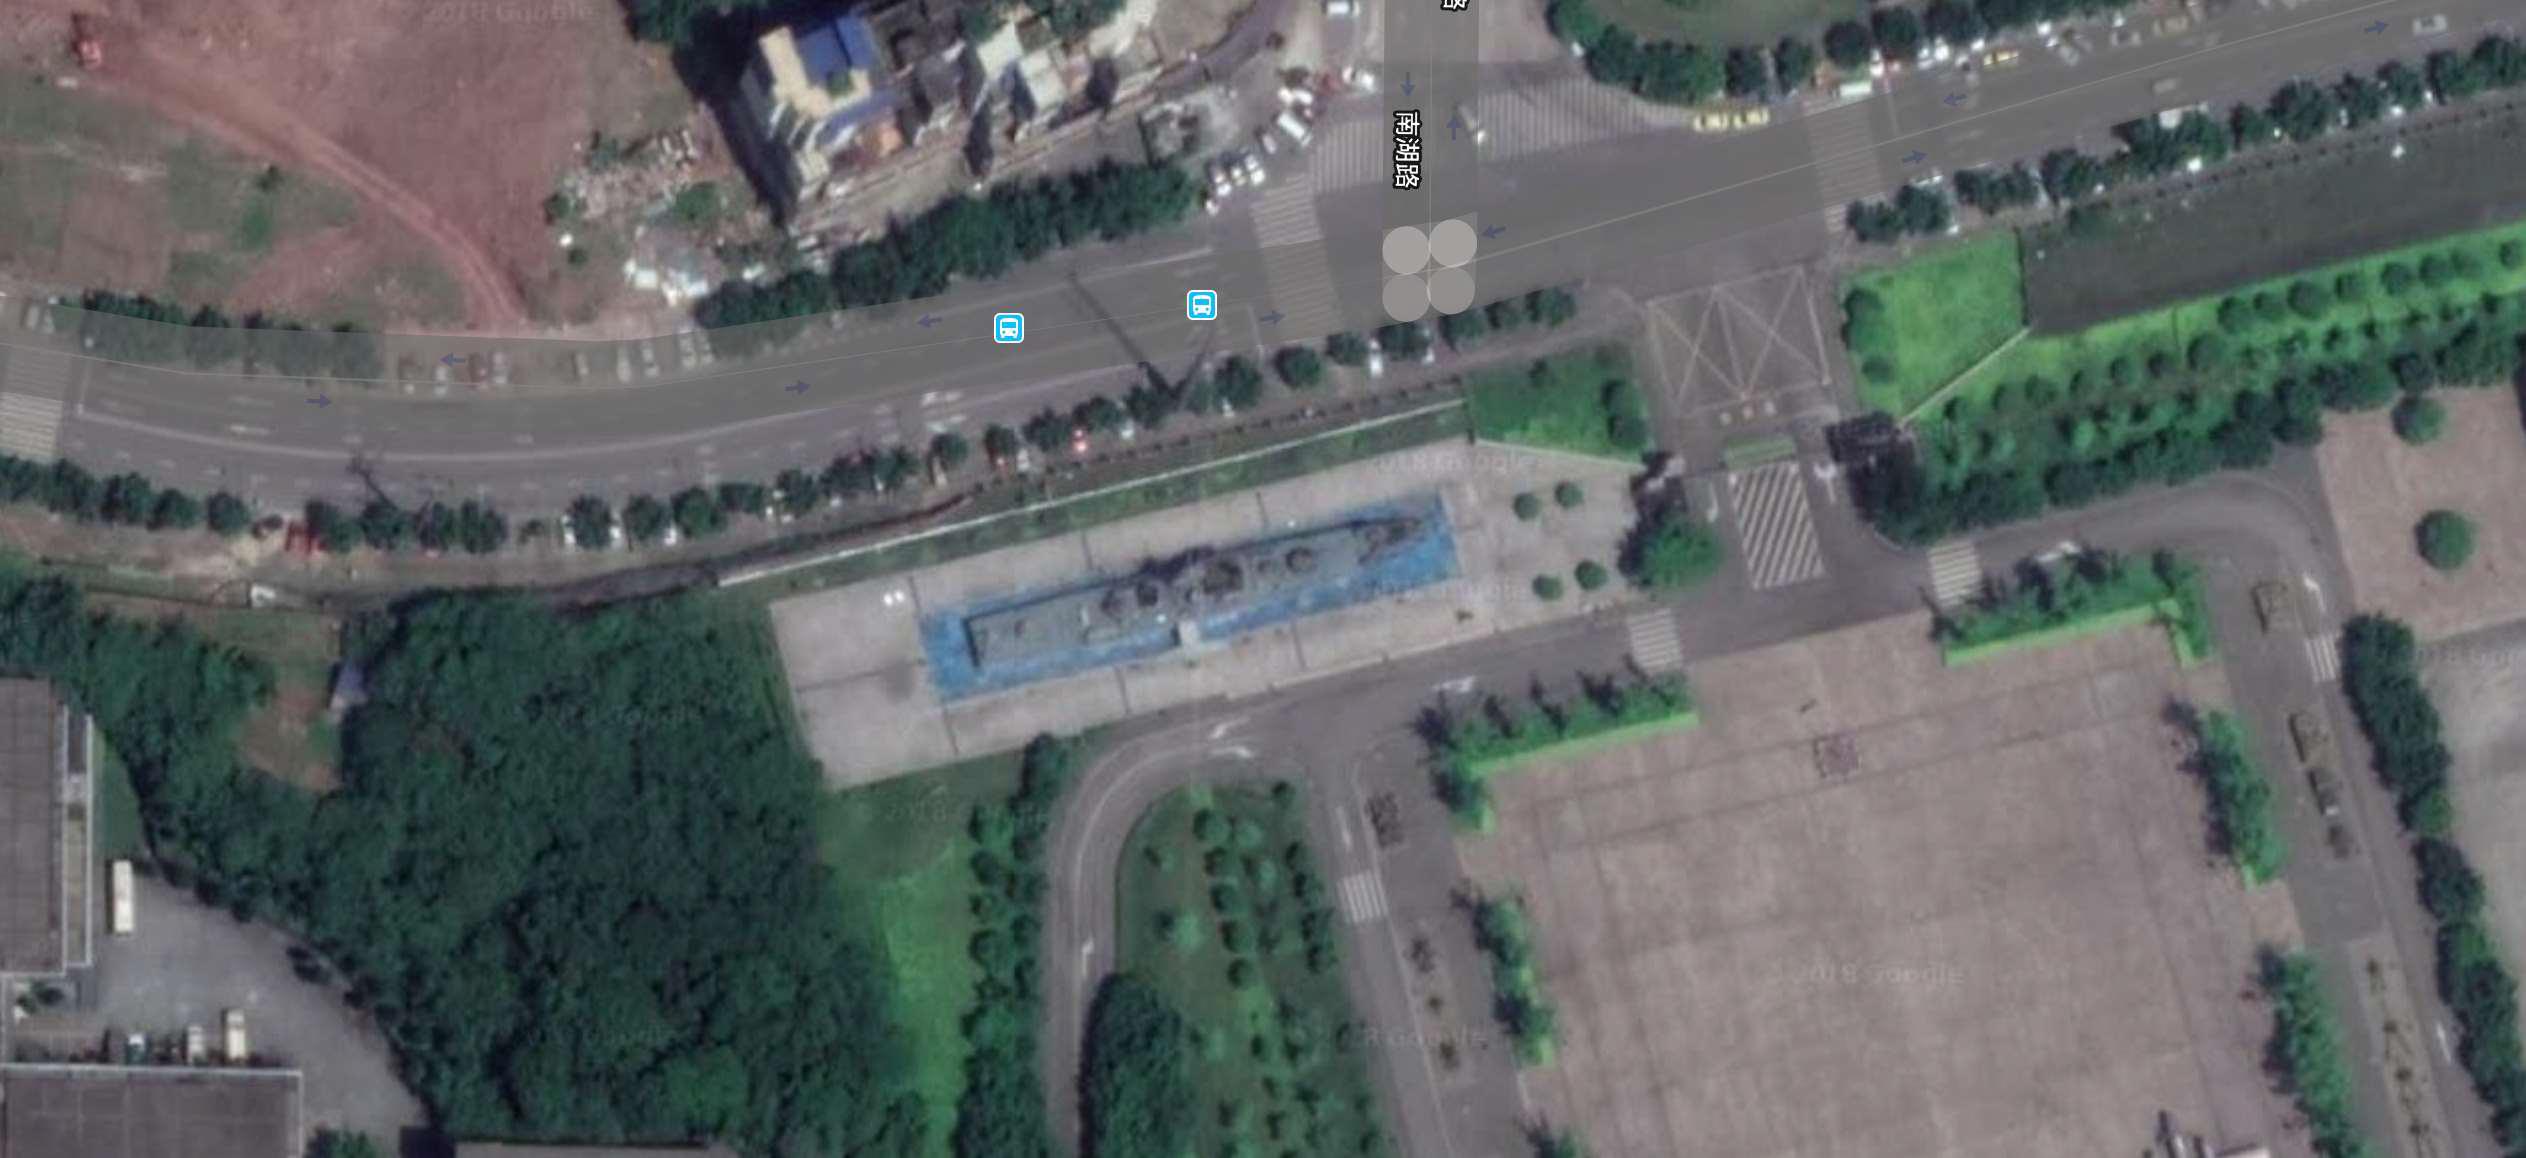 037猎潜艇-688-南汇-重庆市国防园(南湖路附近)-1.jpg